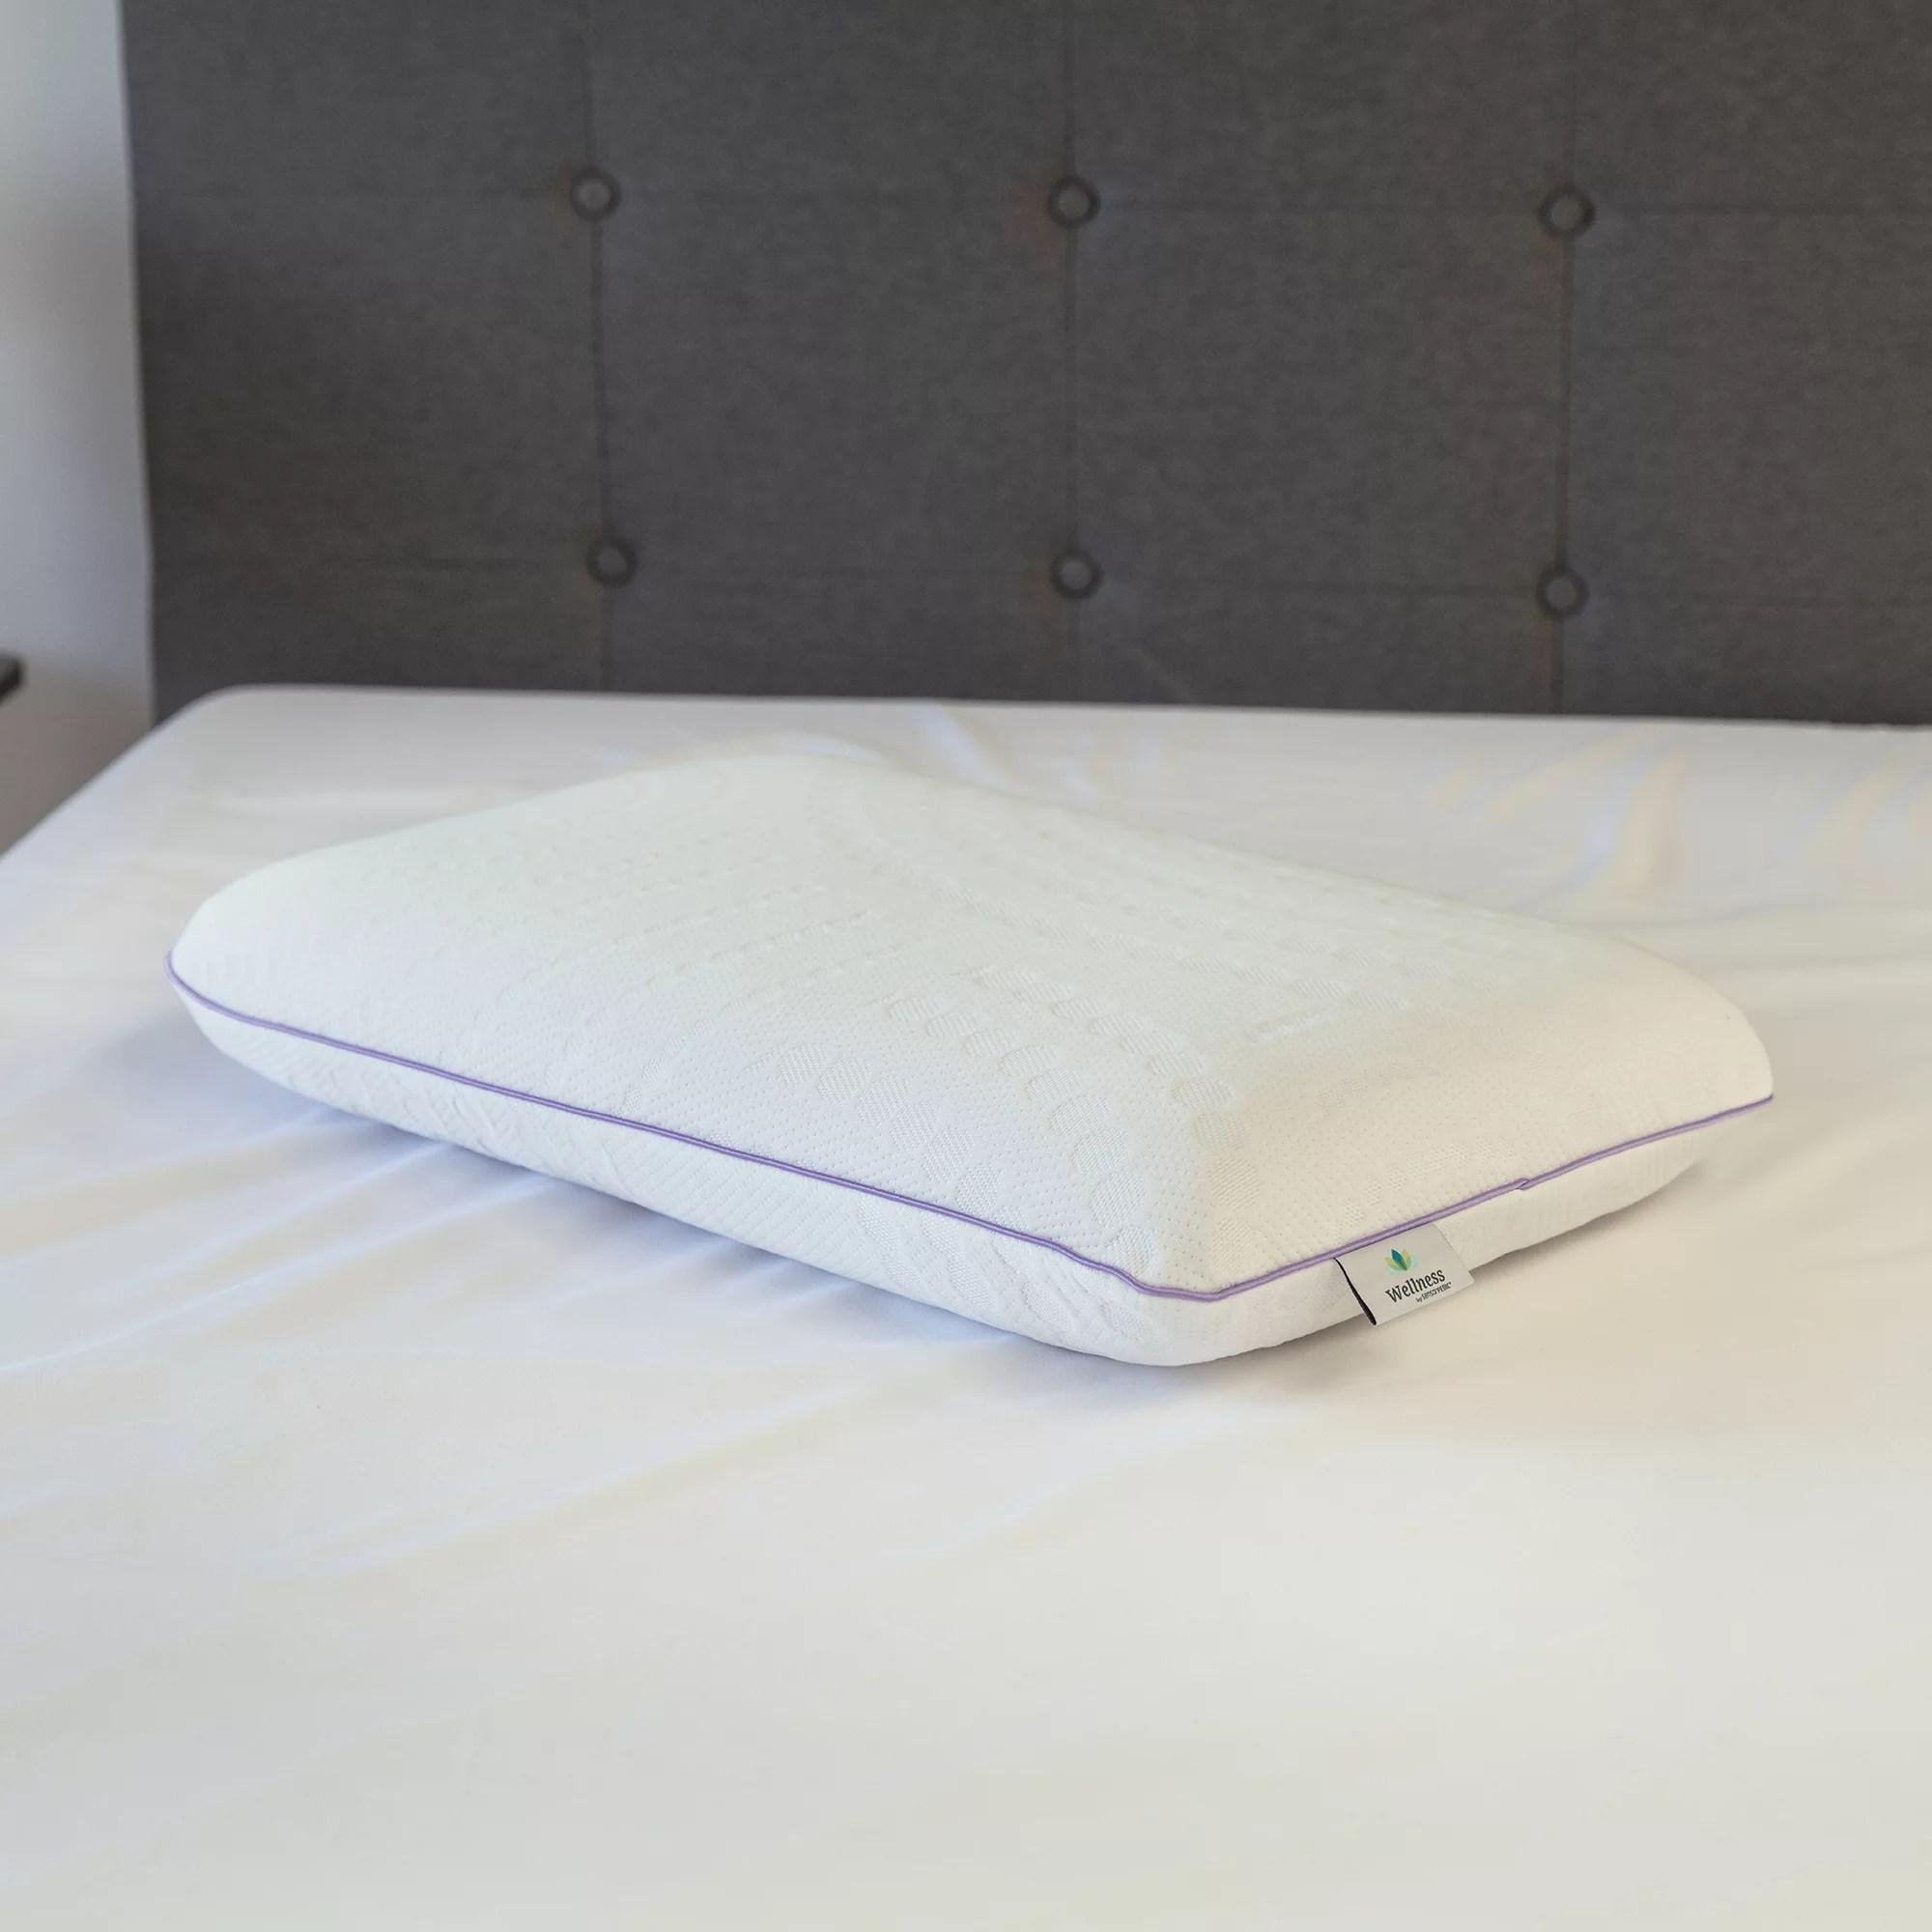 sensorpedic relax lavender infused memory foam pillow walmart com